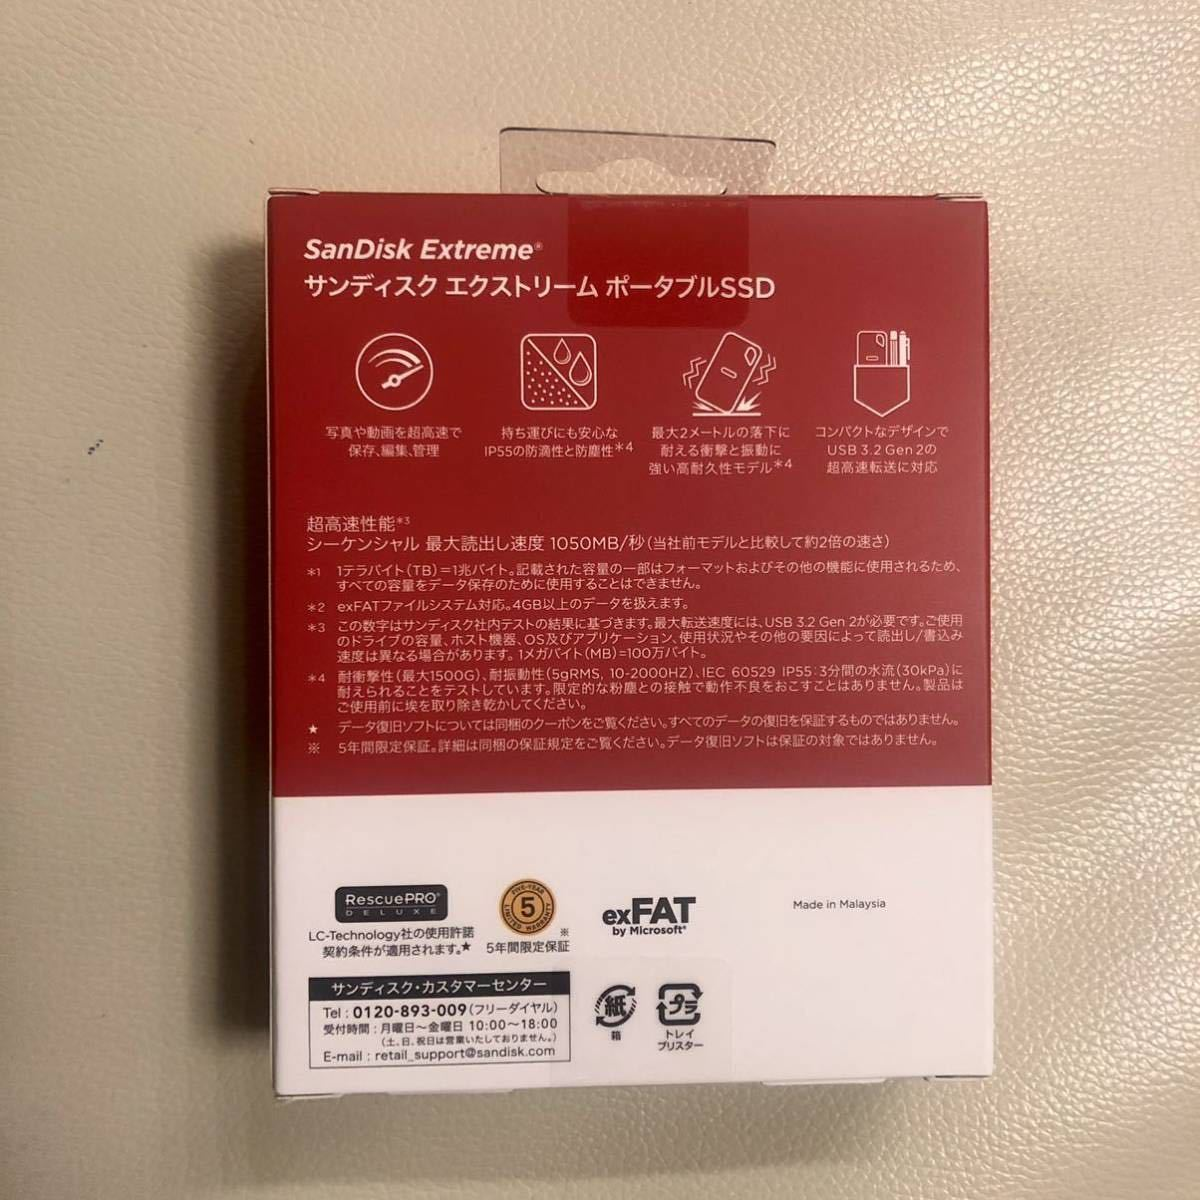 最新版!新品未開封!SanDisk サンディスク Extreme Portable SSD V2 2TB SDSSDE61-2T00-J25 USB3.2 Gen2 ポータブルSSD エクストリーム